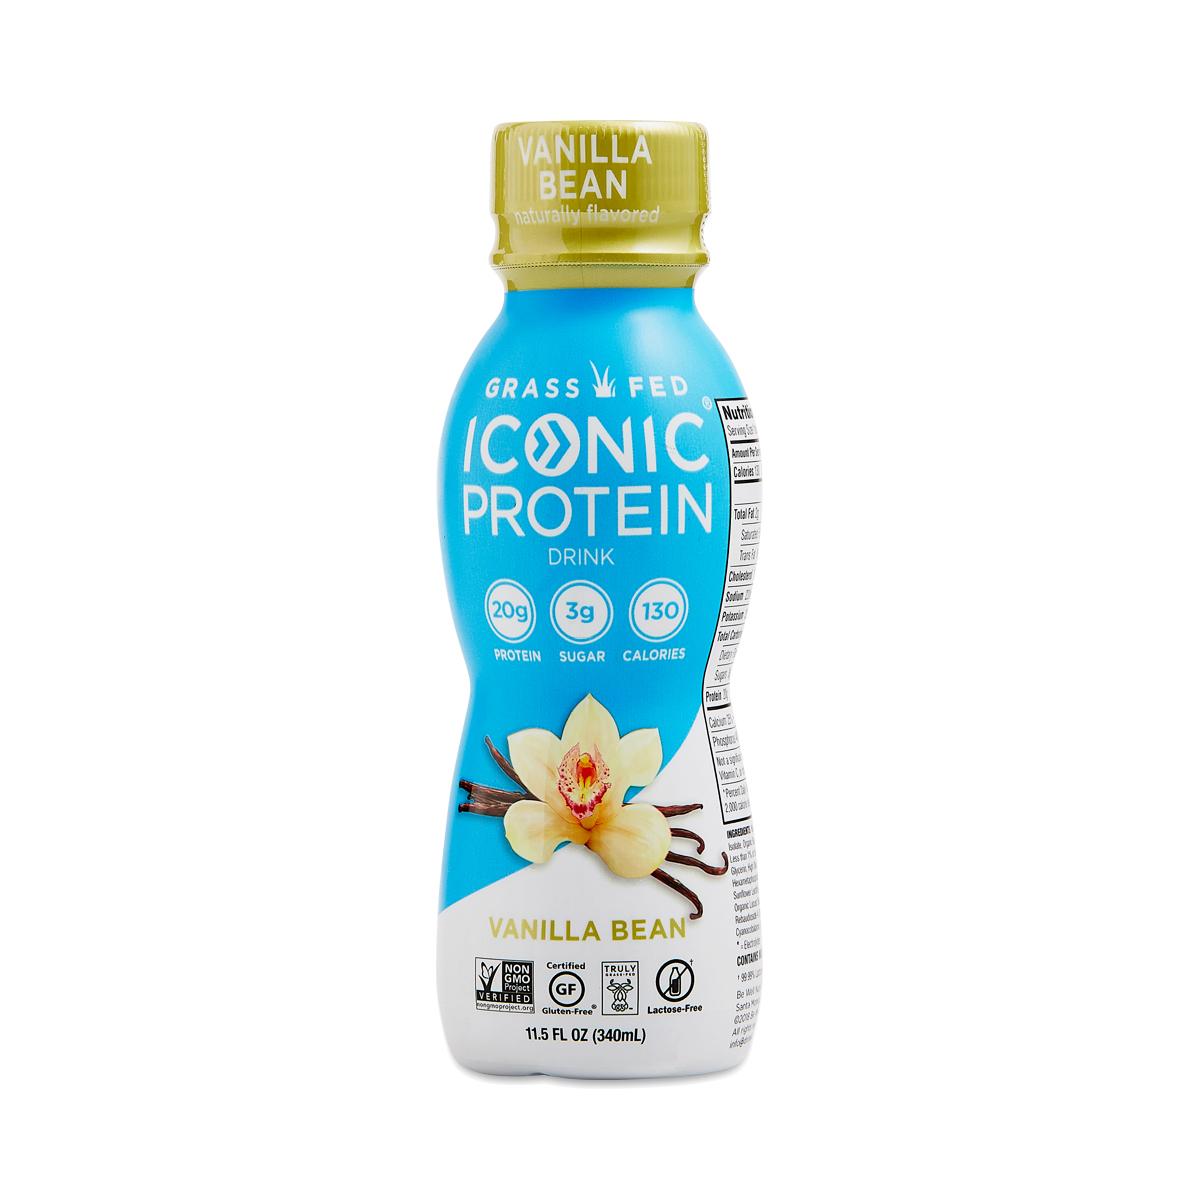 Grass-Fed Protein Drink, Vanilla Bean